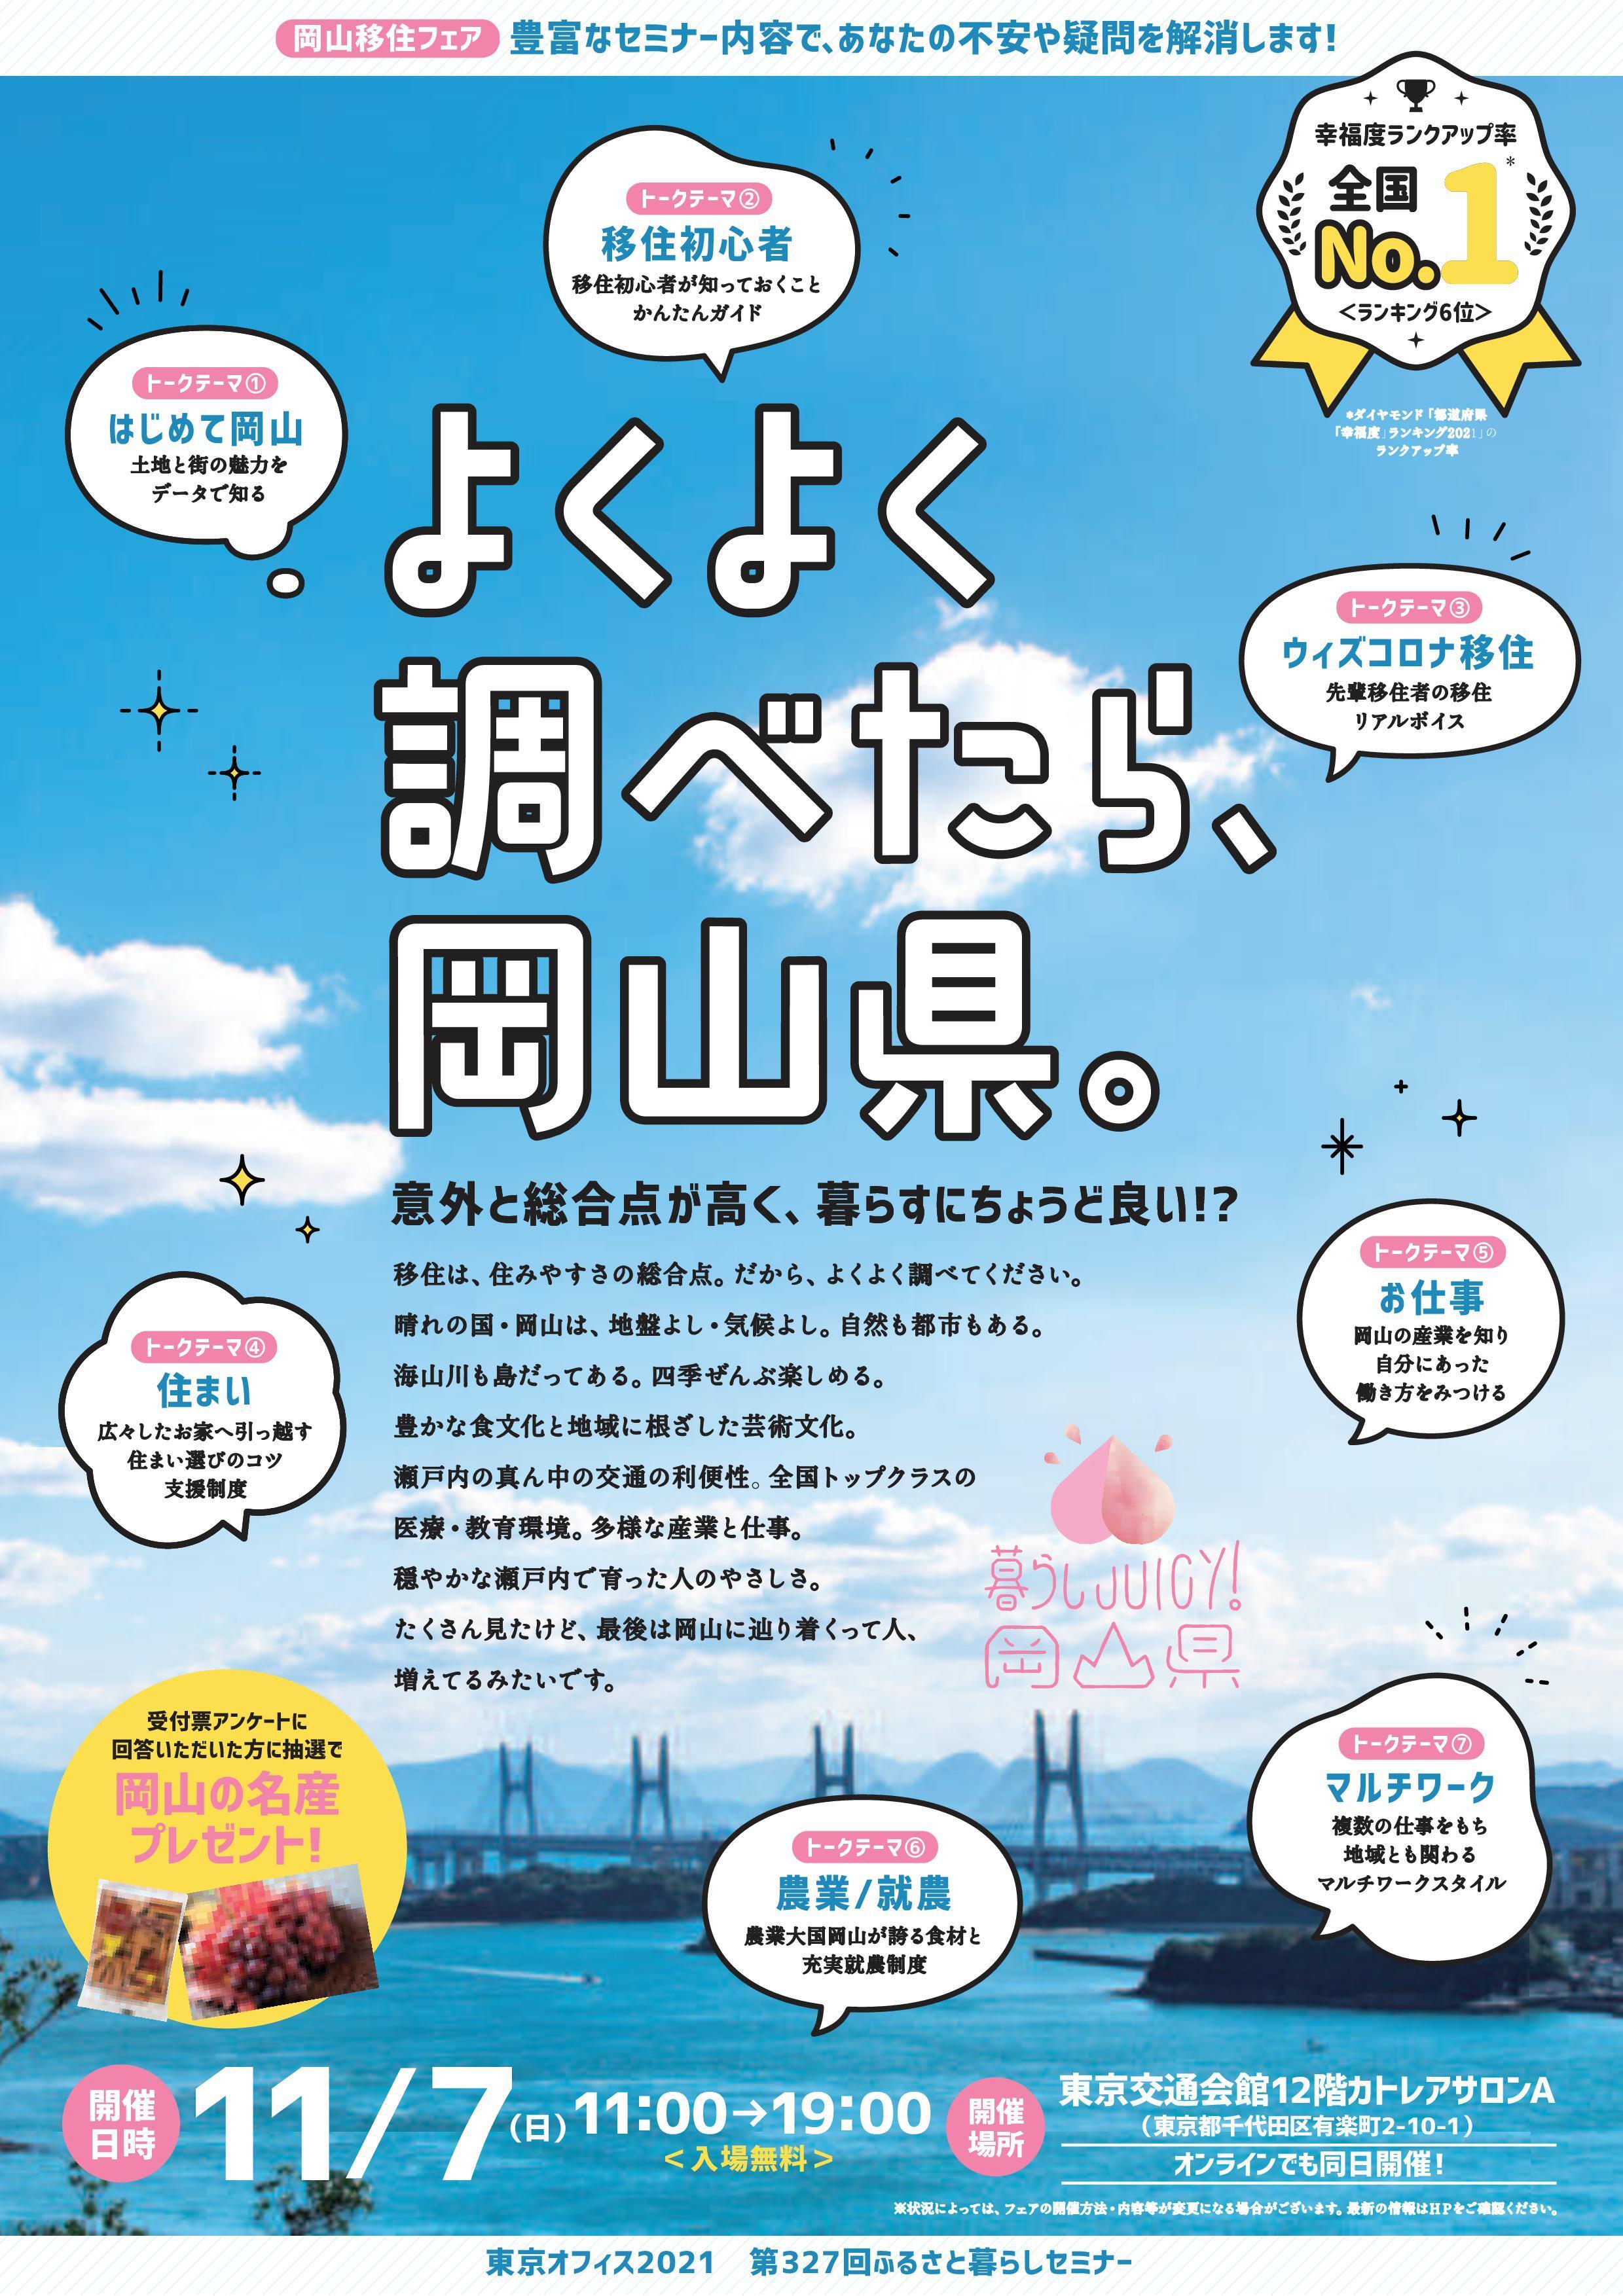 2021年11月7日(日)開催 「暮らしJUICY!岡山県フェア」に津山市も会場参加します